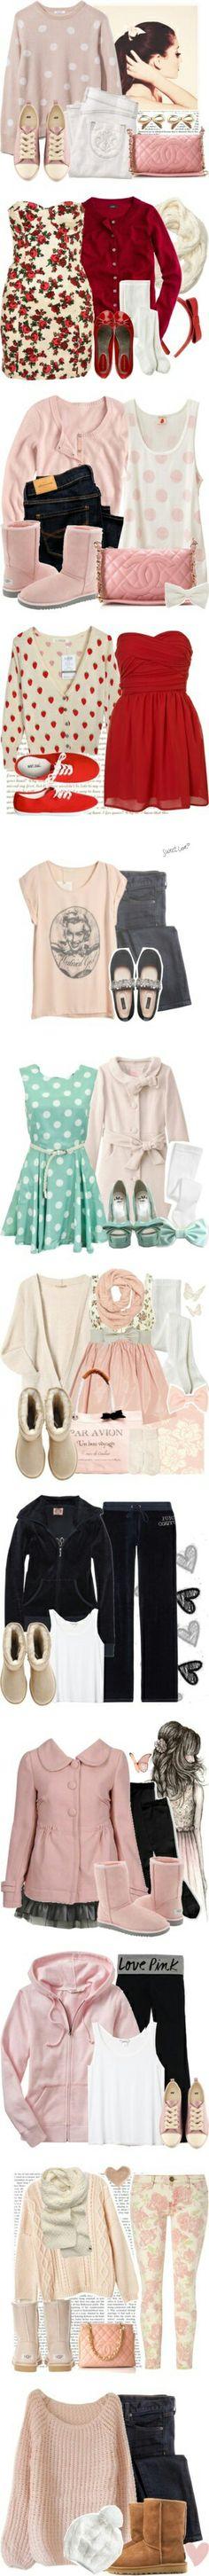 Fashion- I like the majority of these